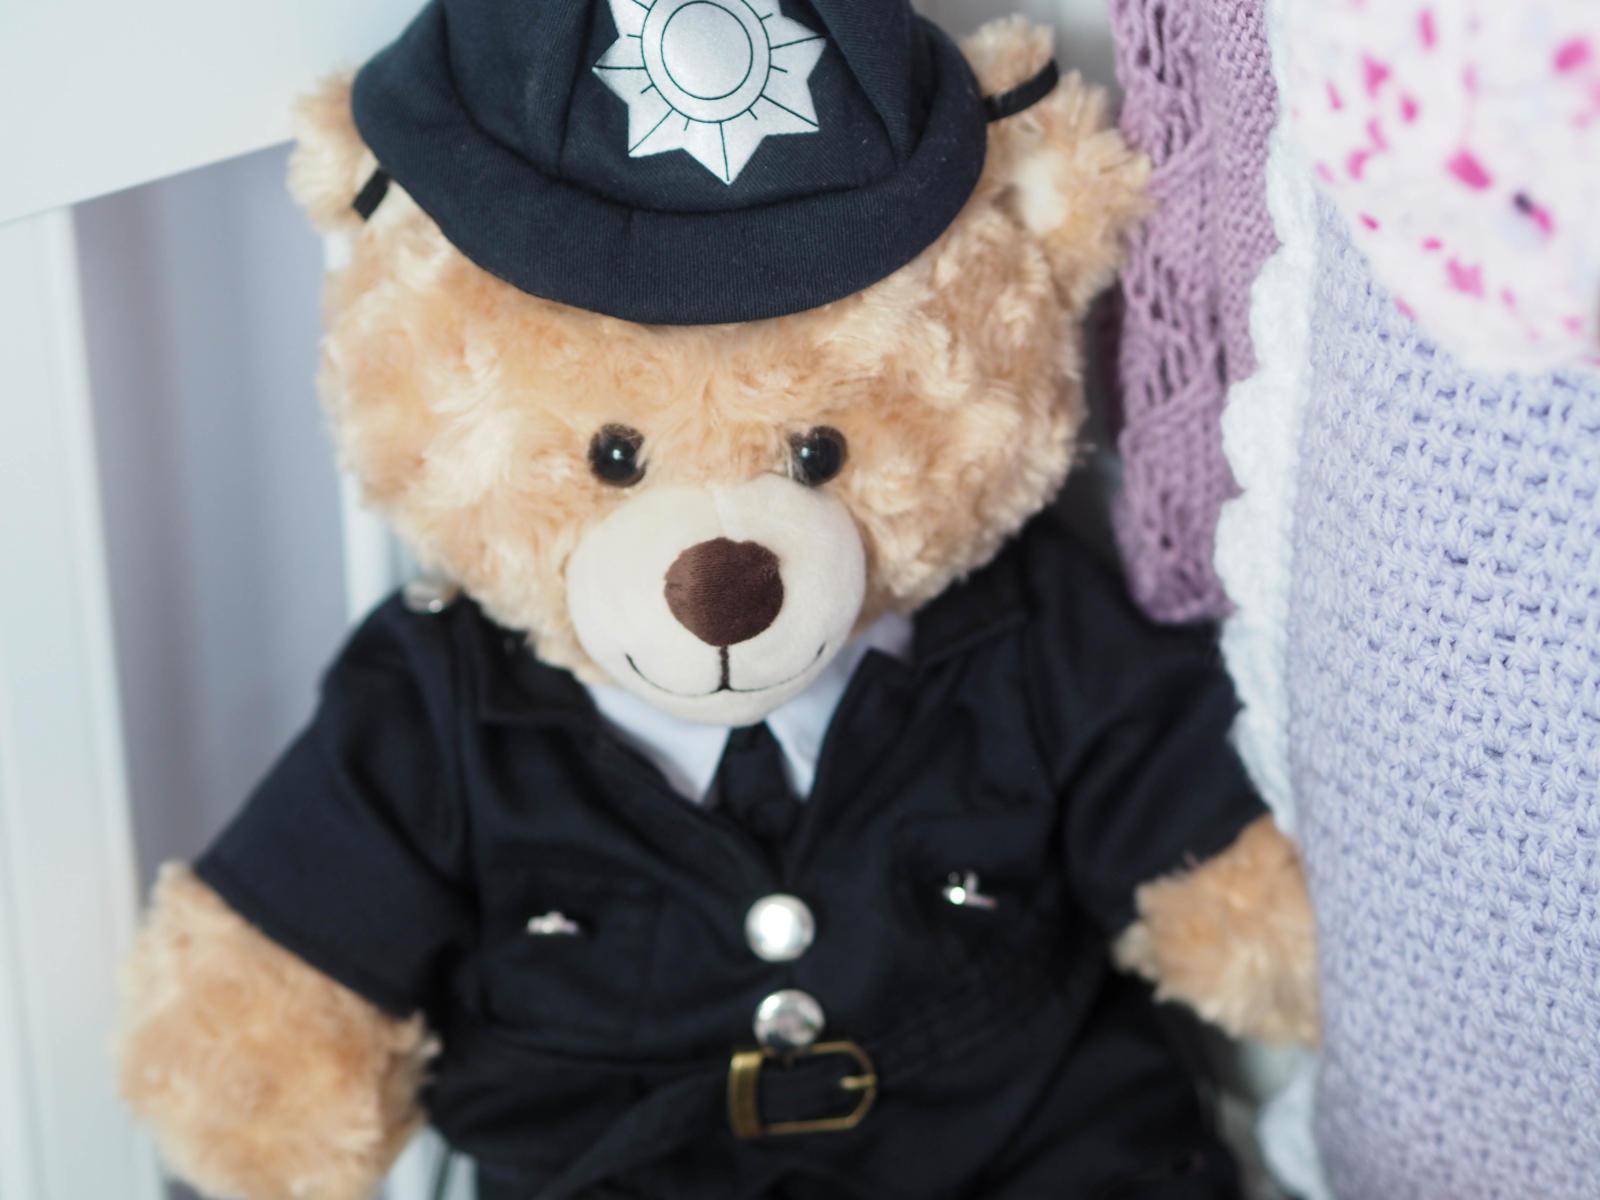 Police bear